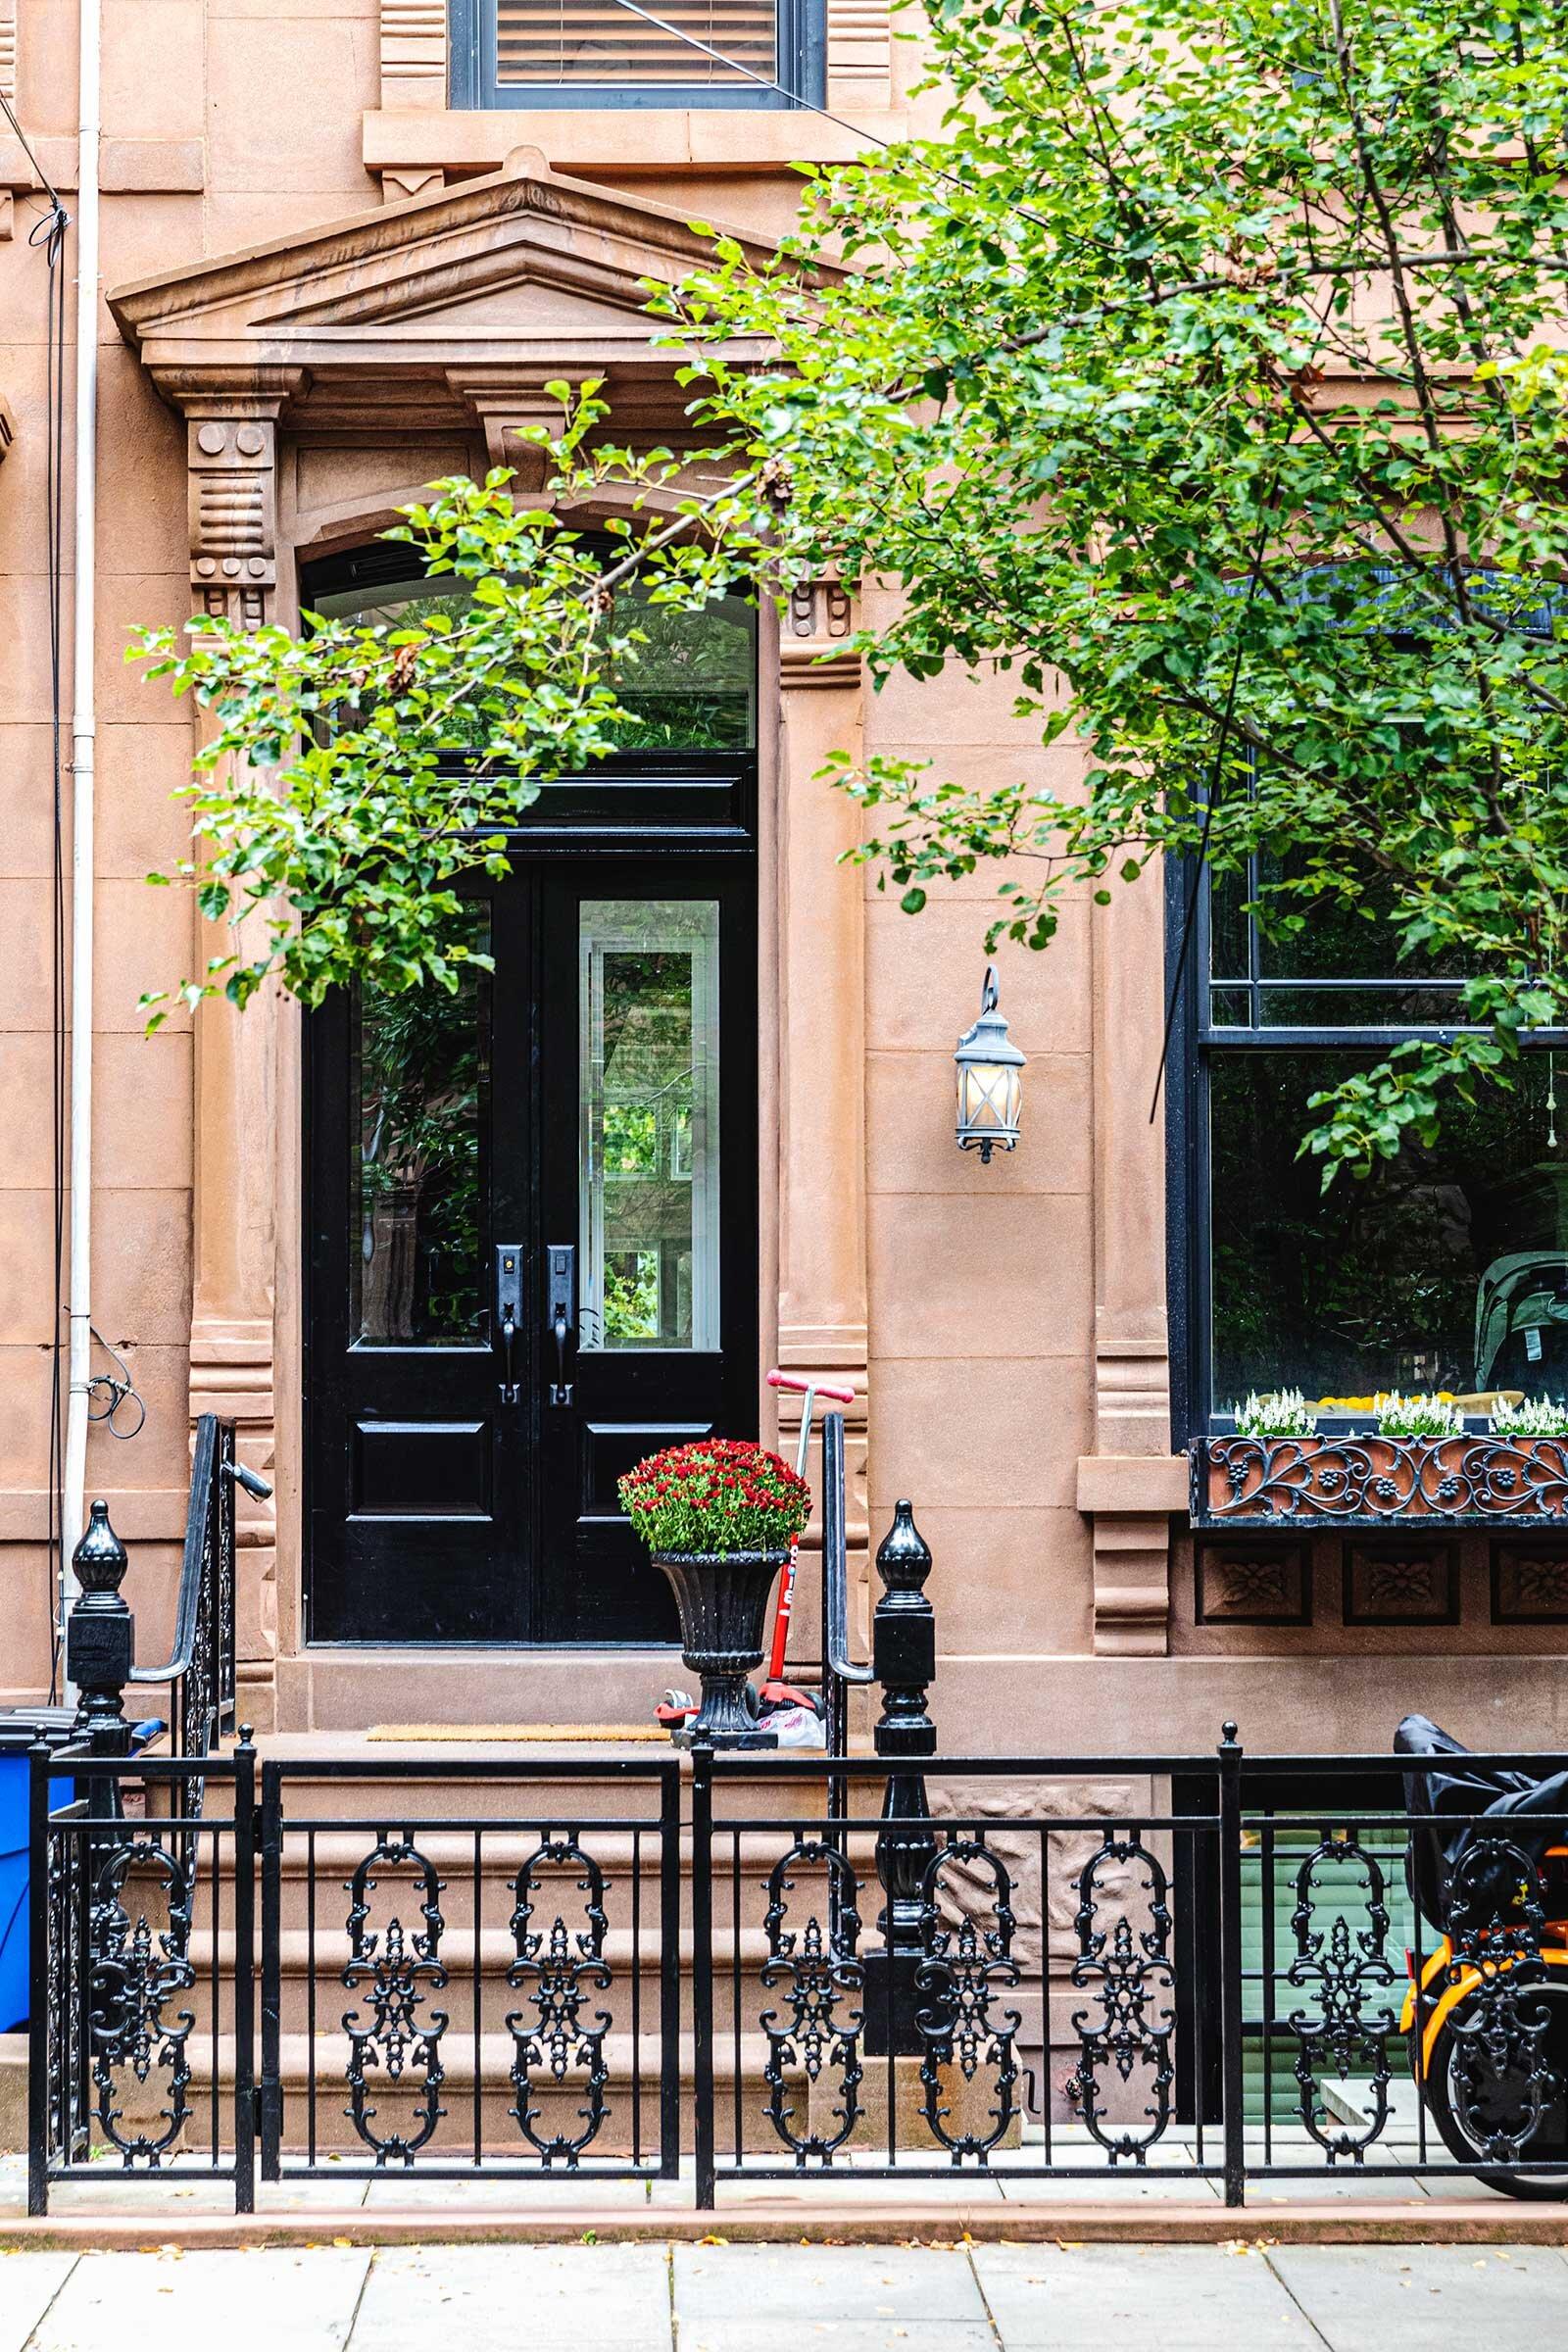 thompson-home-renovations-contractor-doorway-hoboken-home-townhouse.jpg